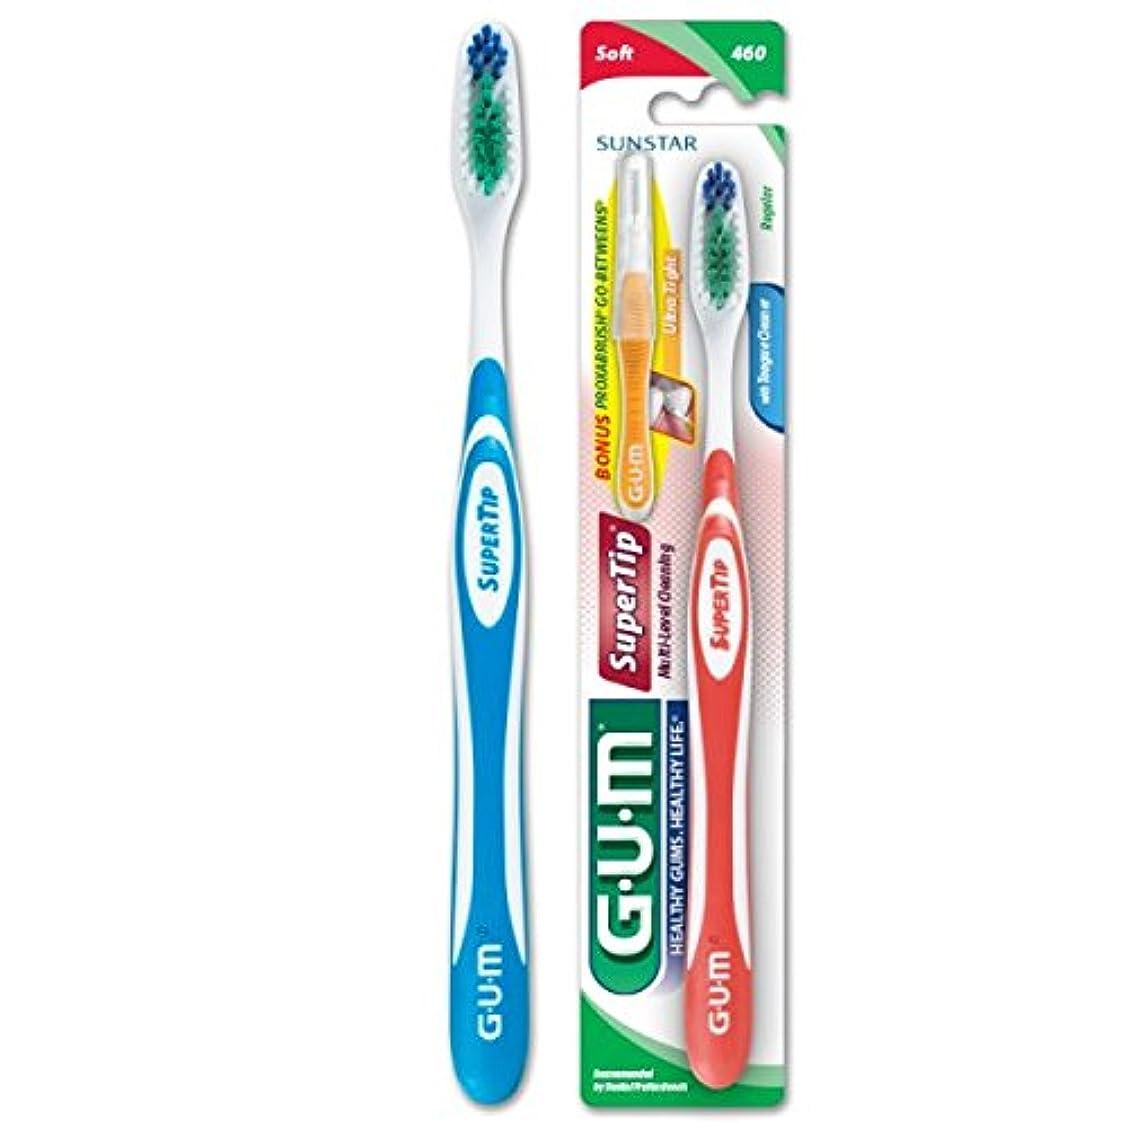 Gum Proxabrushゴー?ビトウィーンズ、三角全ソフト毛付きサンスター460Rgbスーパーヒント歯ブラシ